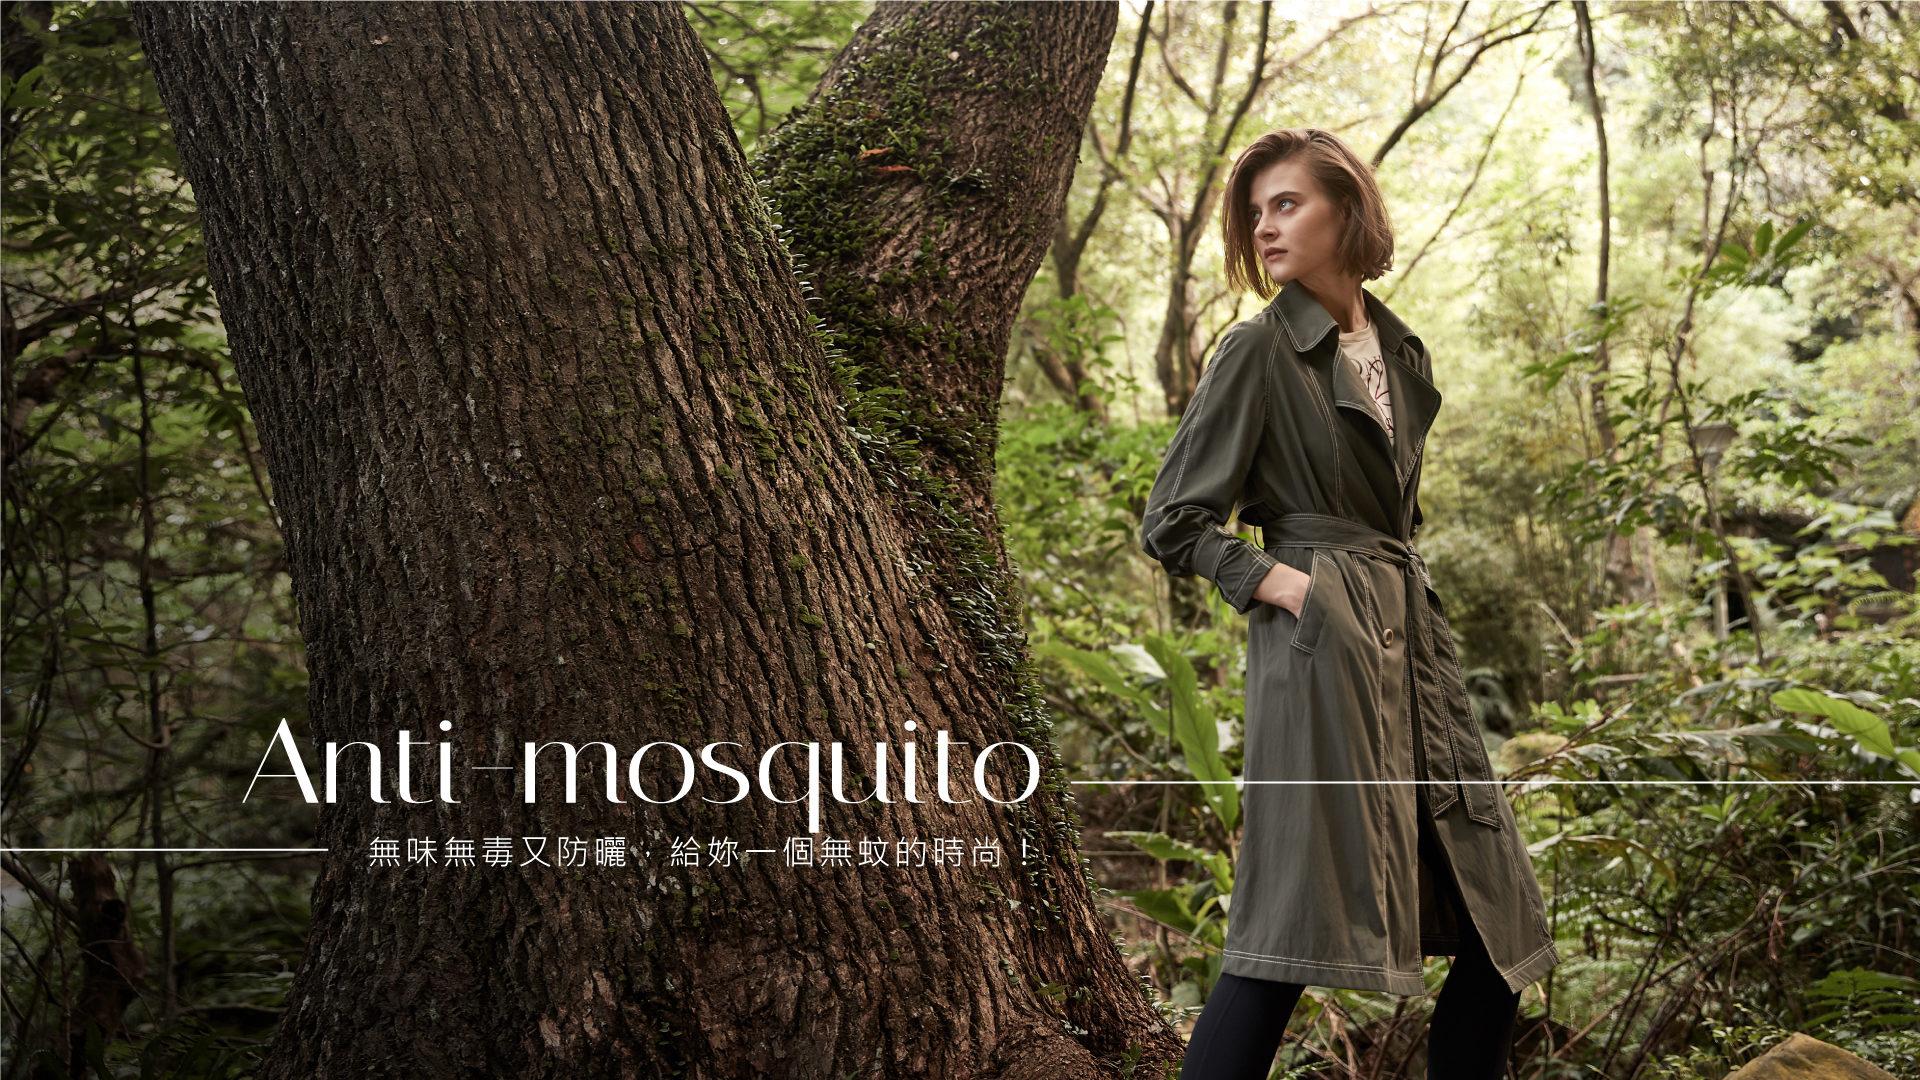 防蚊新趨勢|穿了就防蚊,無味無毒又防曬,給妳一個無蚊的時尚!